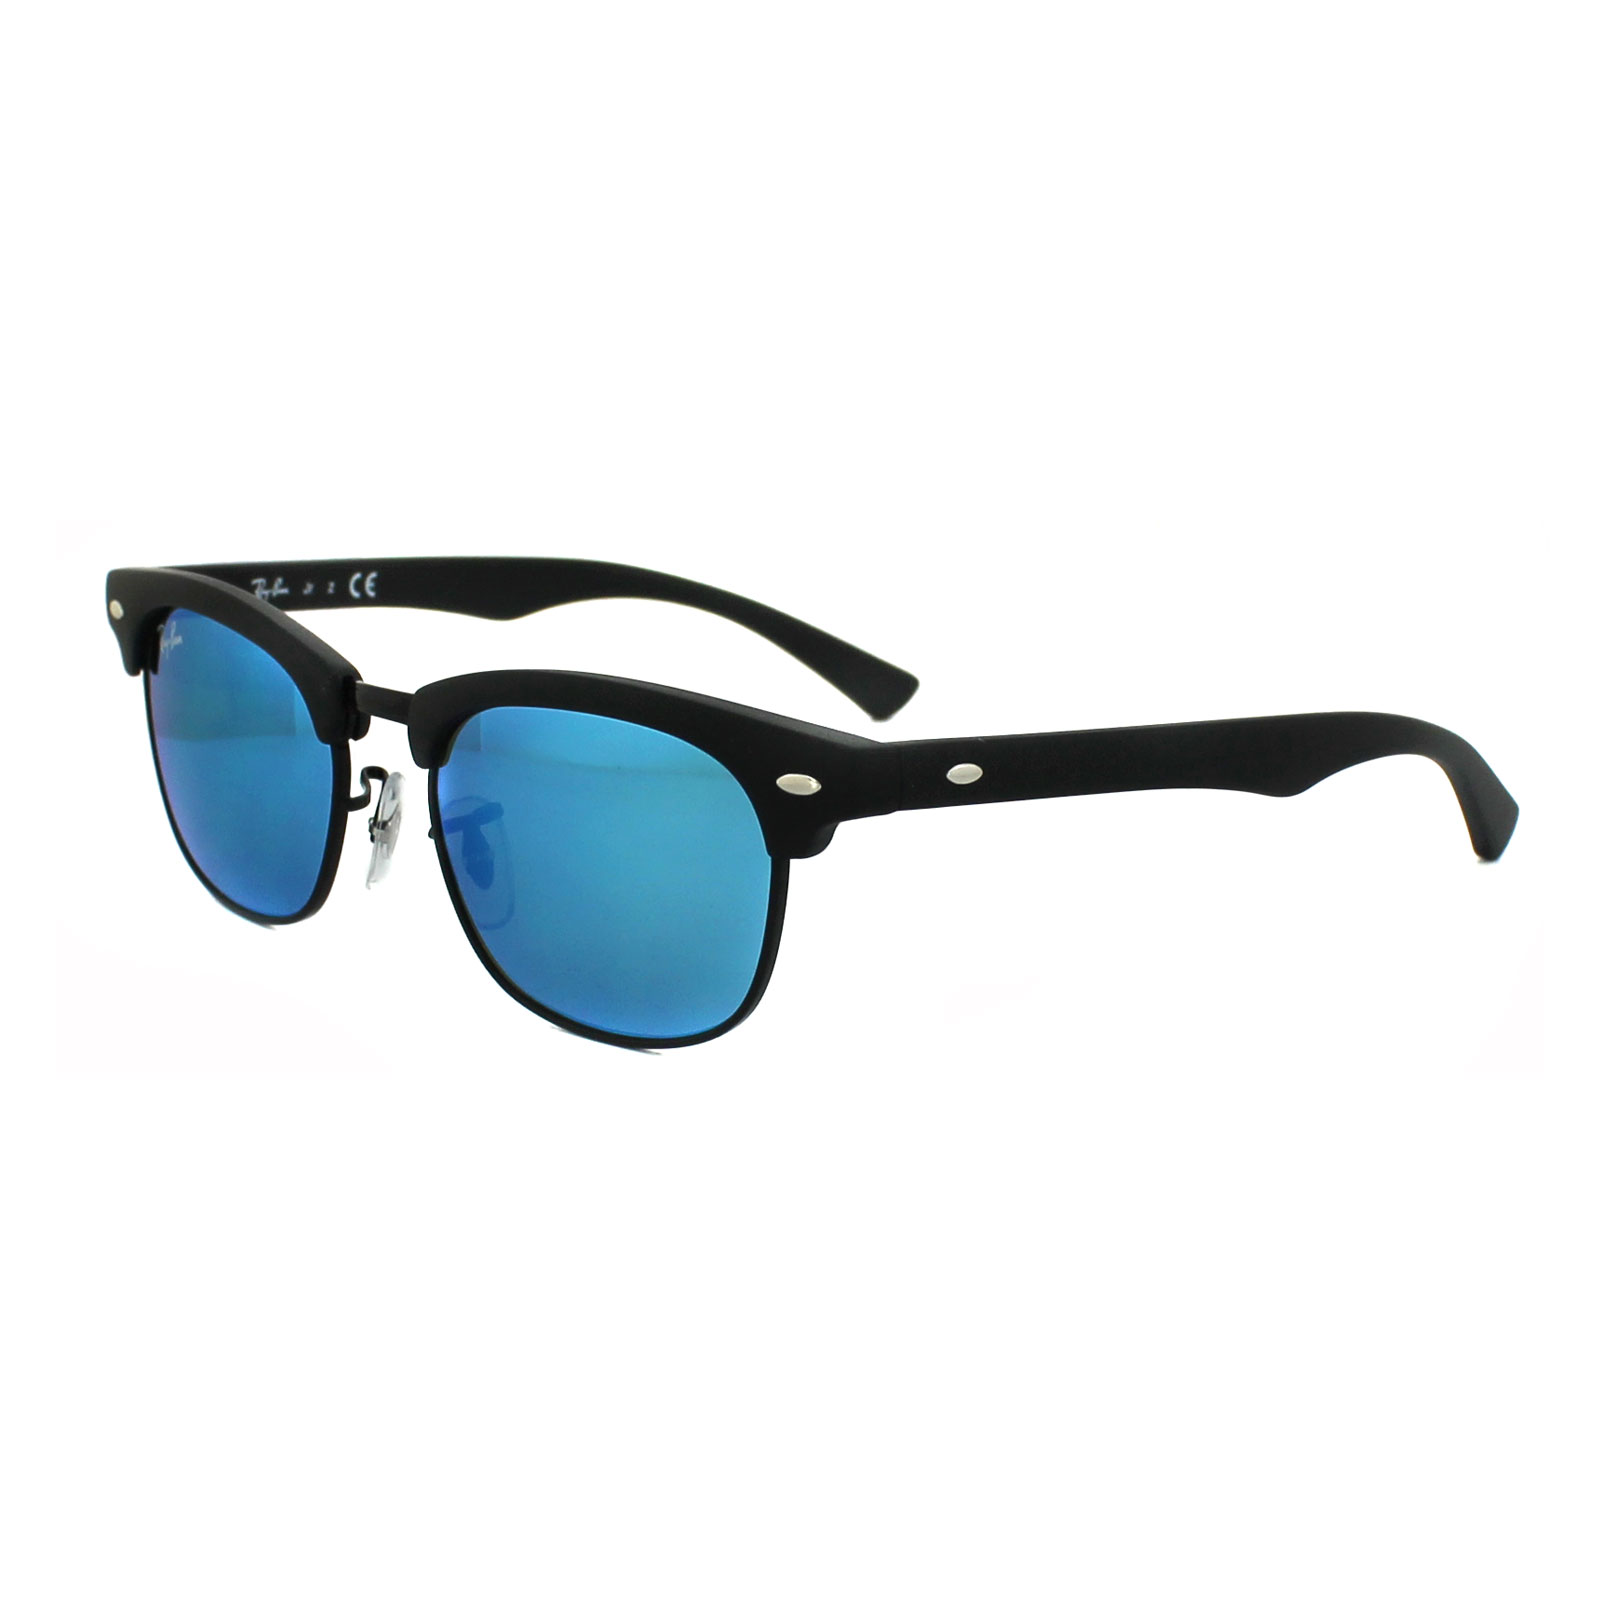 62269e1dd72 Sentinel Ray-Ban Junior Sunglasses 9050 100S55 Black Blue Flash Mirror